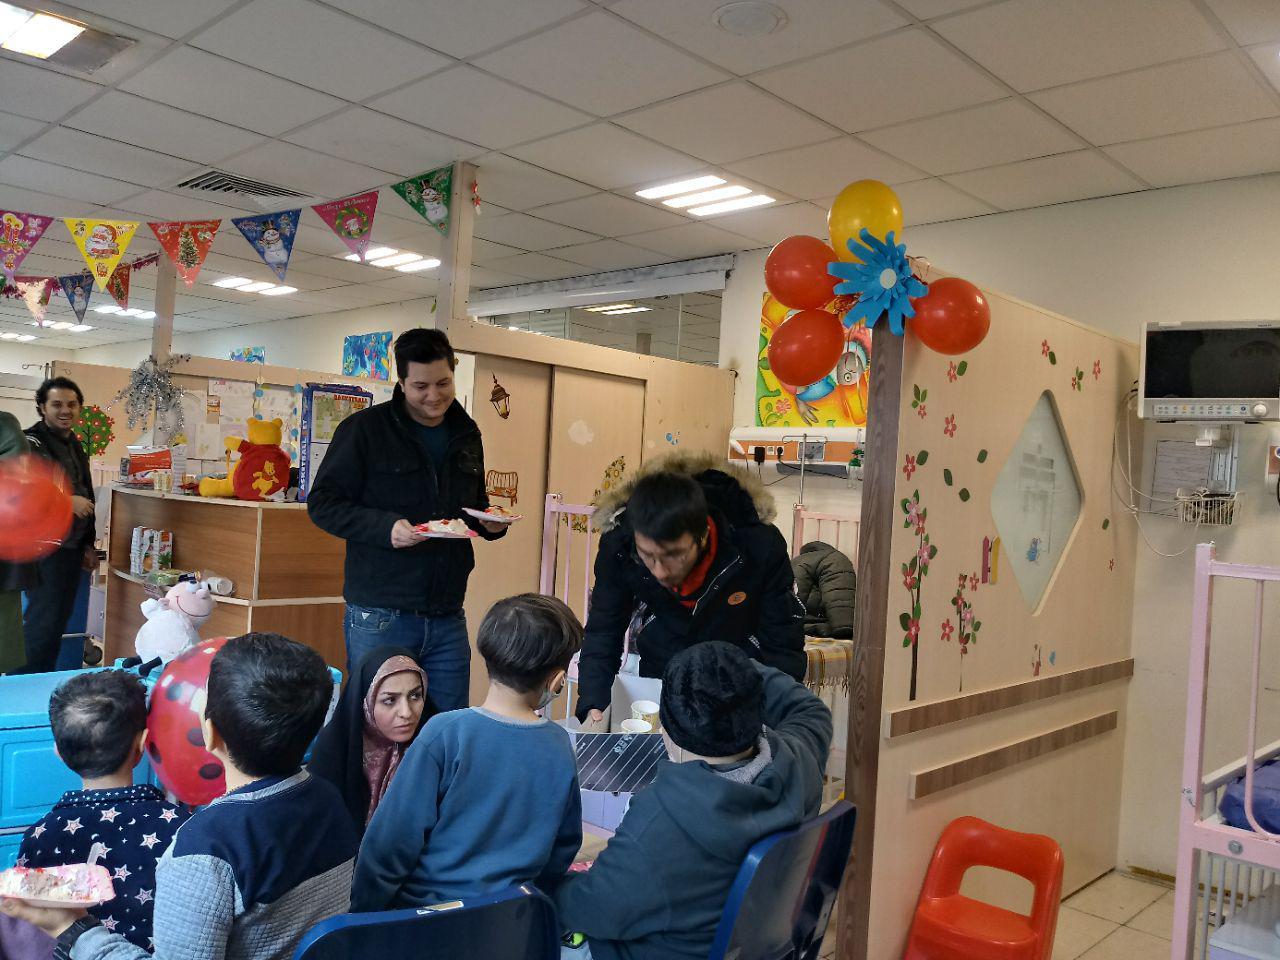 جشن تولد بچه های متولد اسفند دربخش شیمی درمانی انستیتو کانسر ایران